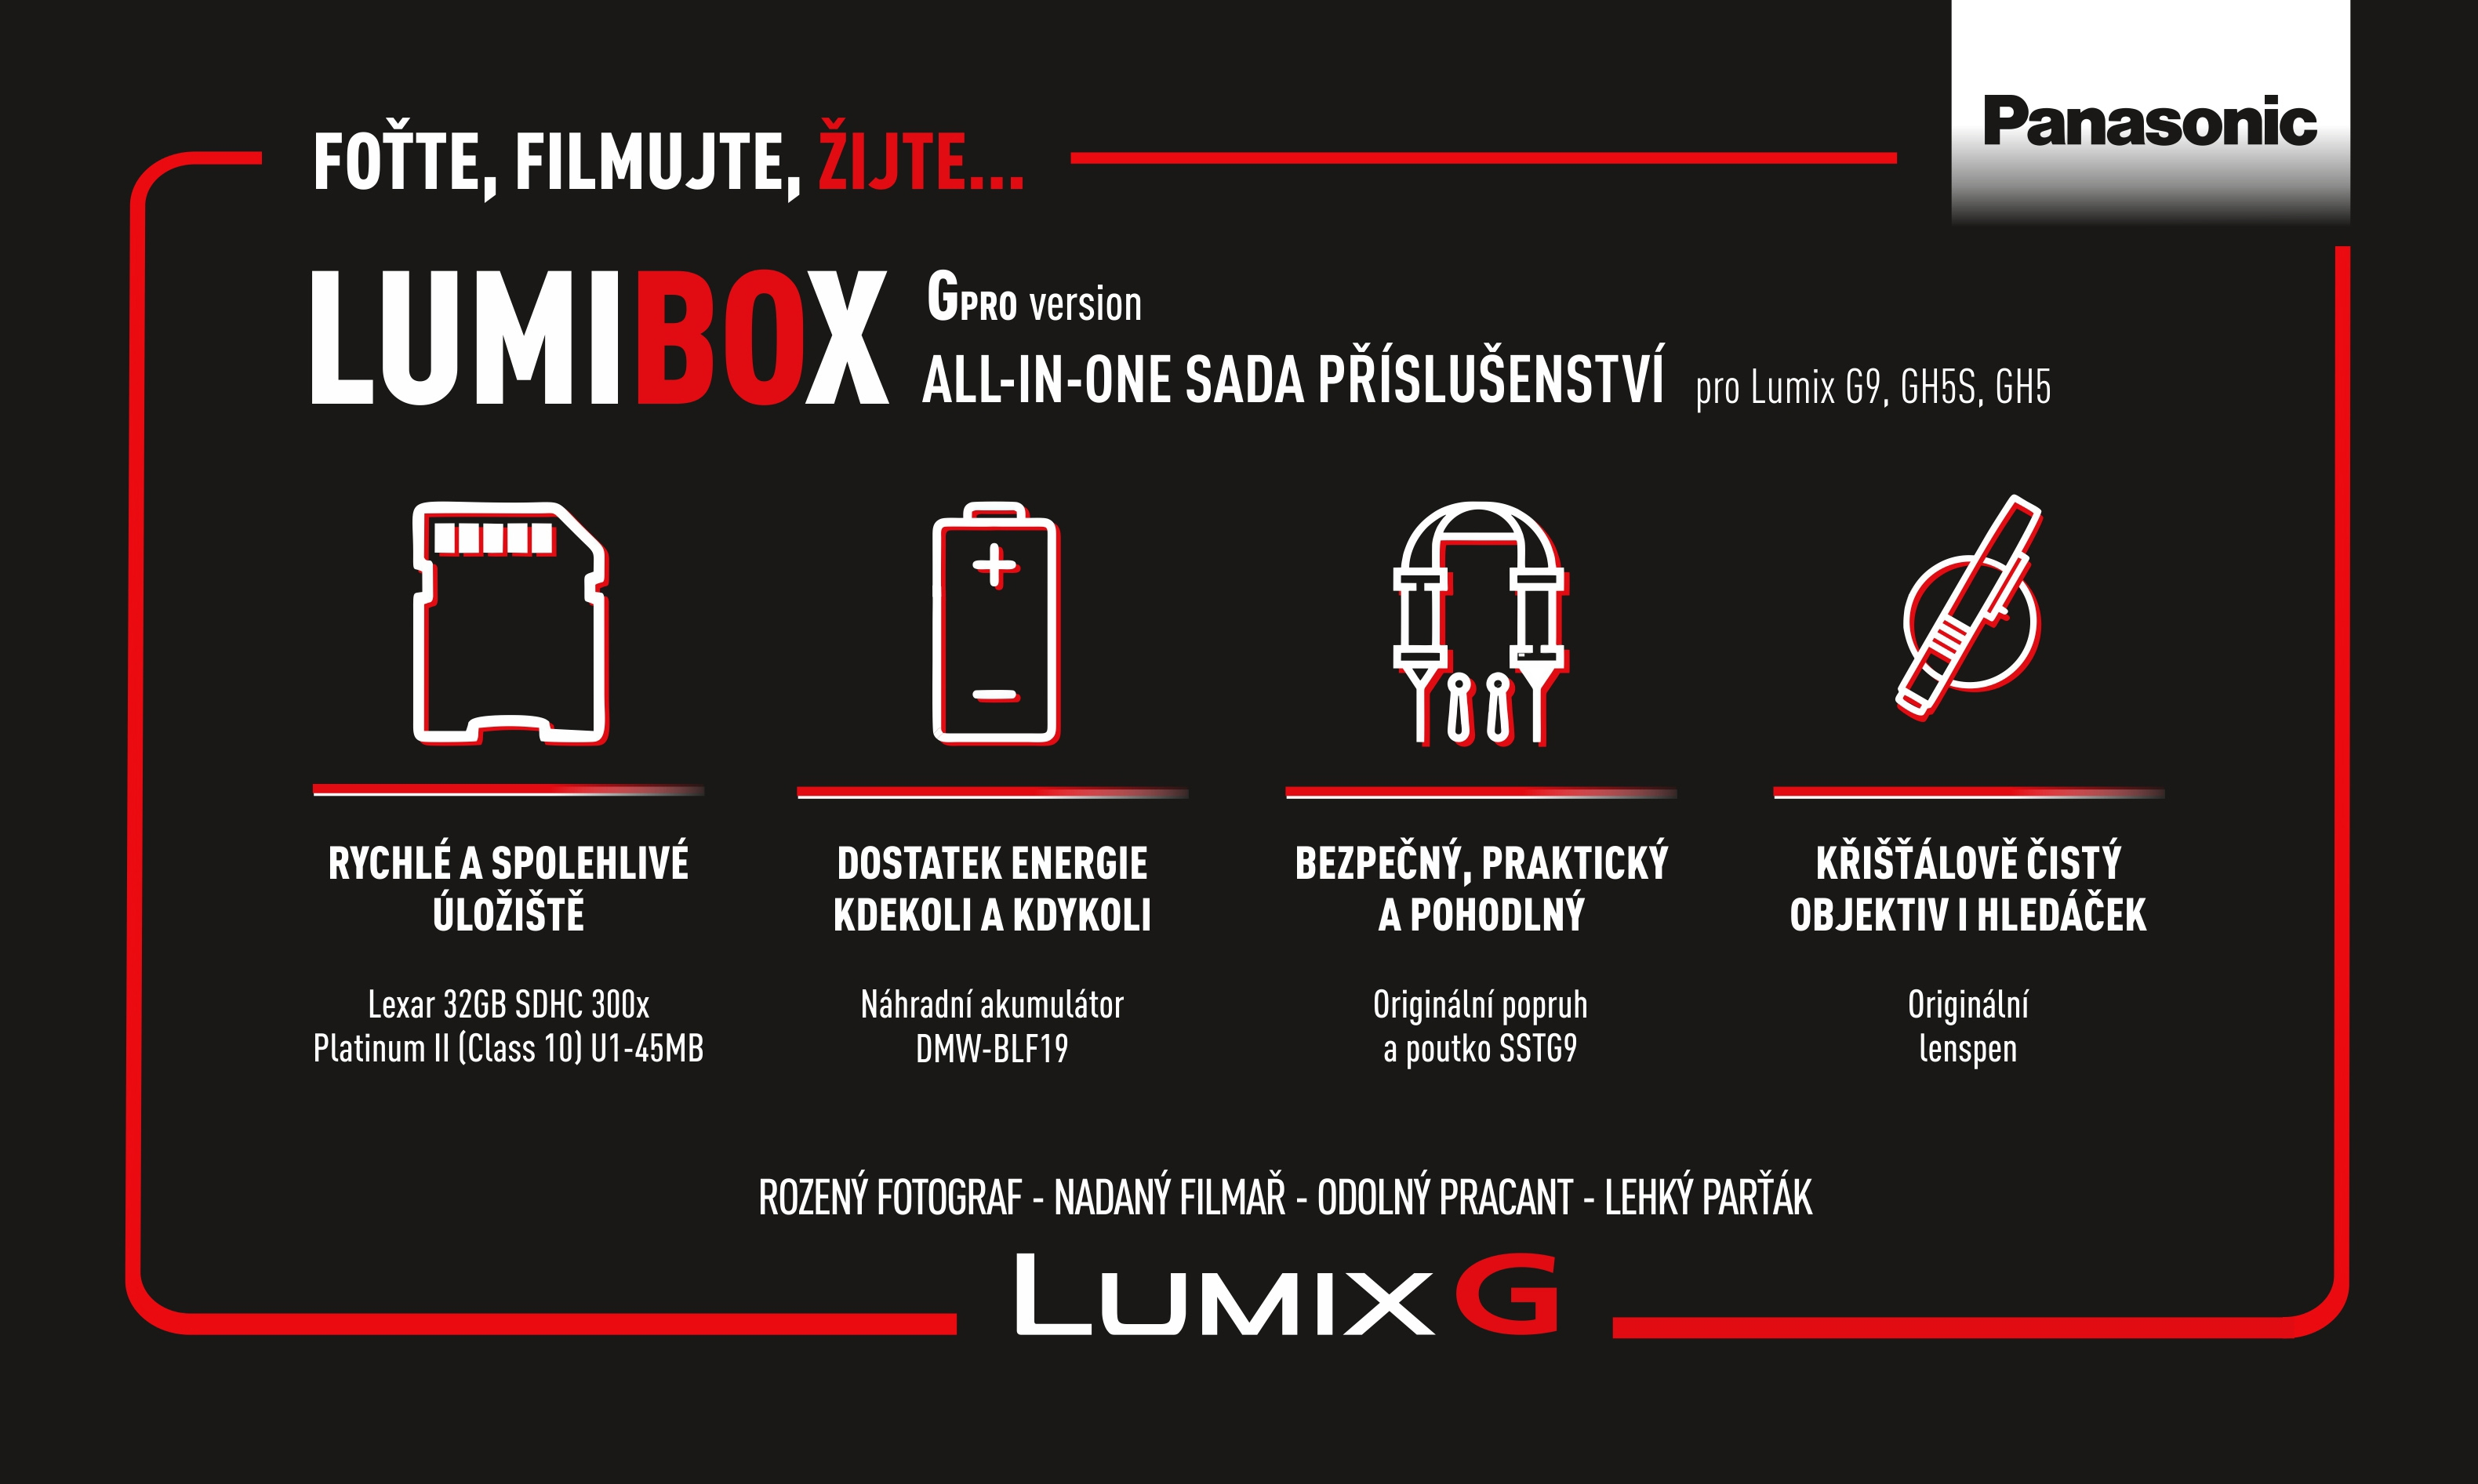 PANASONIC LumiBox sada příslušenství pro G Pro